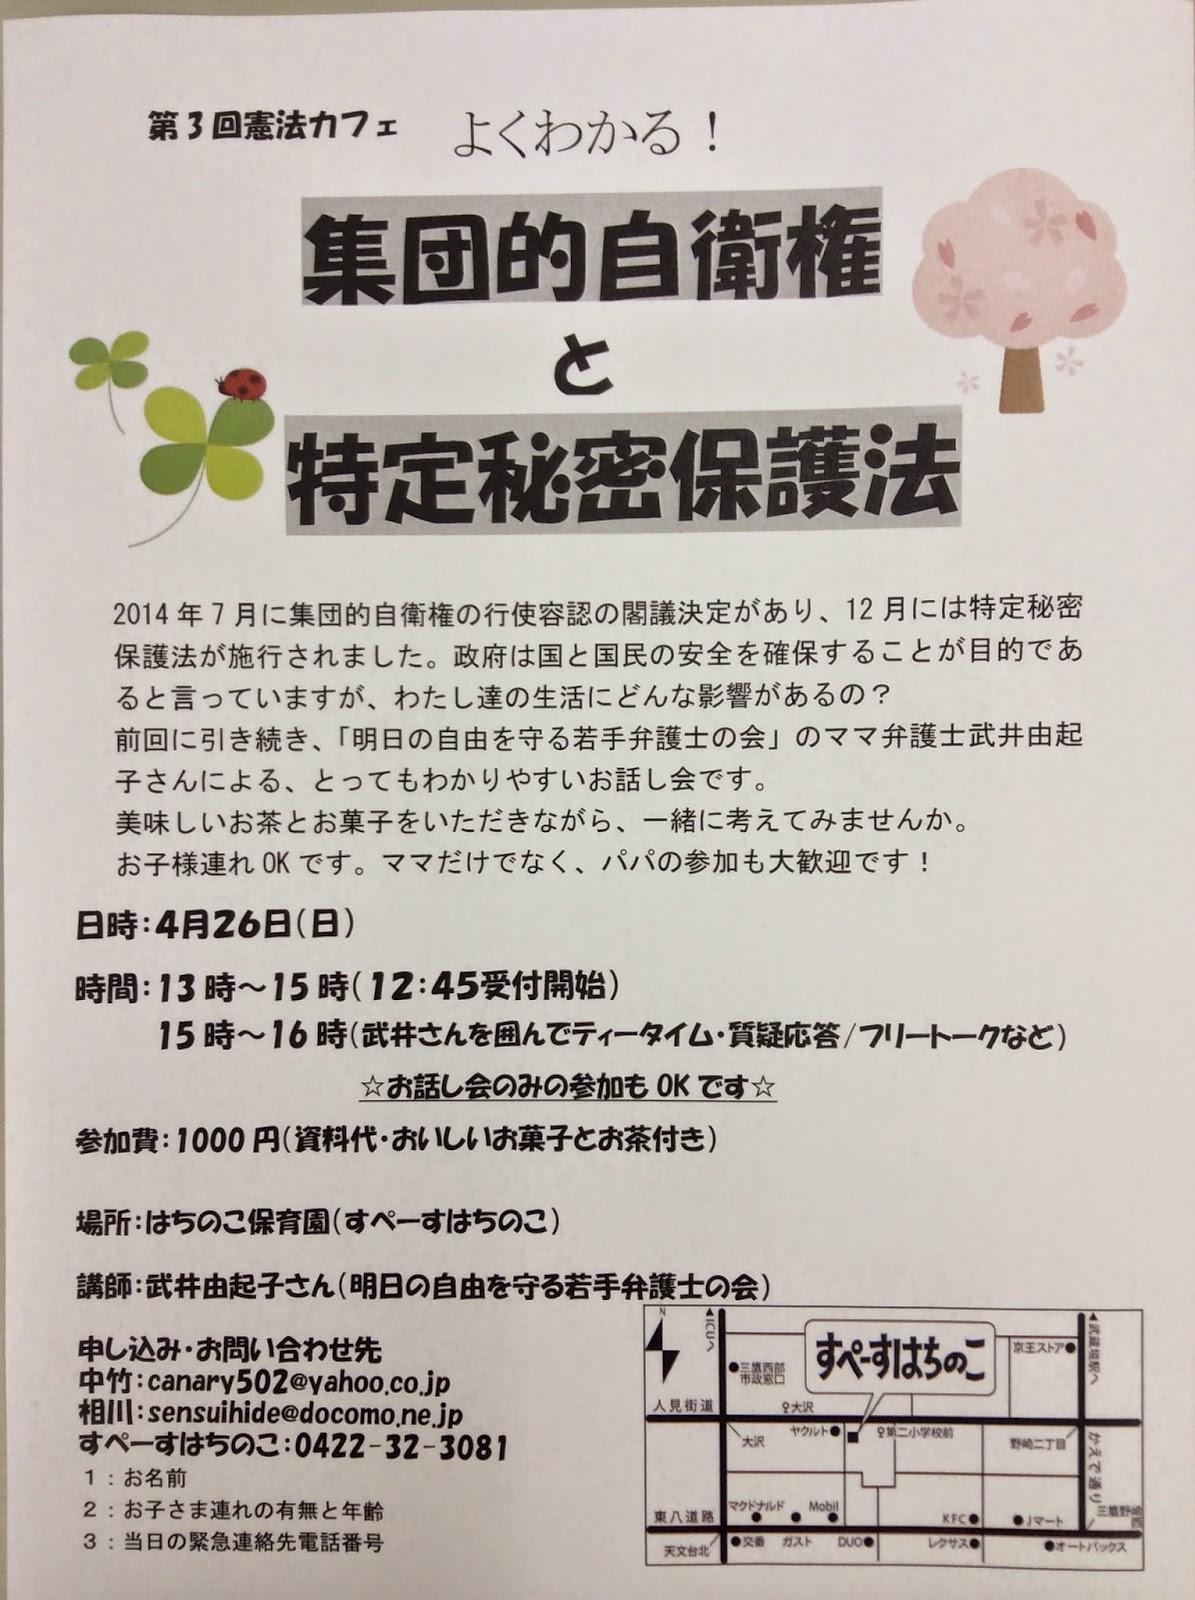 玉名みら 無修正 問合せ・申込み:canary502@yahoo.co.jp(中竹)